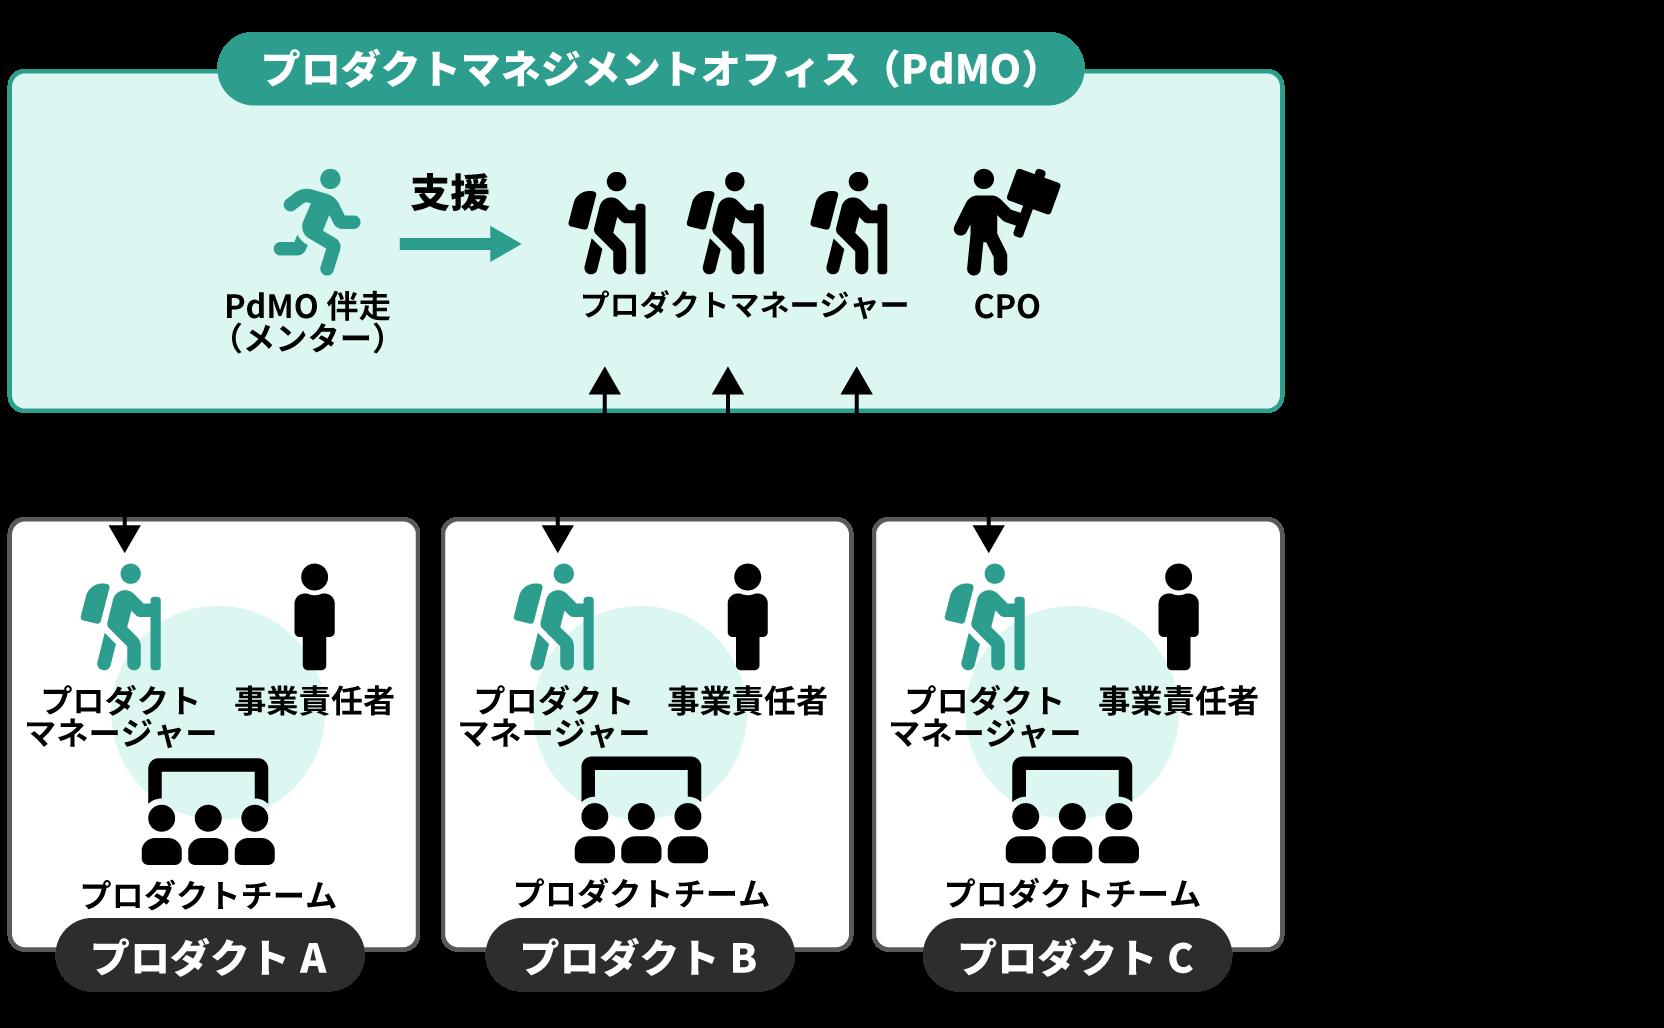 プロダクトマネジメントオフィスの役割1 : プロダクトを横断して課題を扱う プロダクトマネジメントオフィスの役割2:各チームの自立と成長を促す